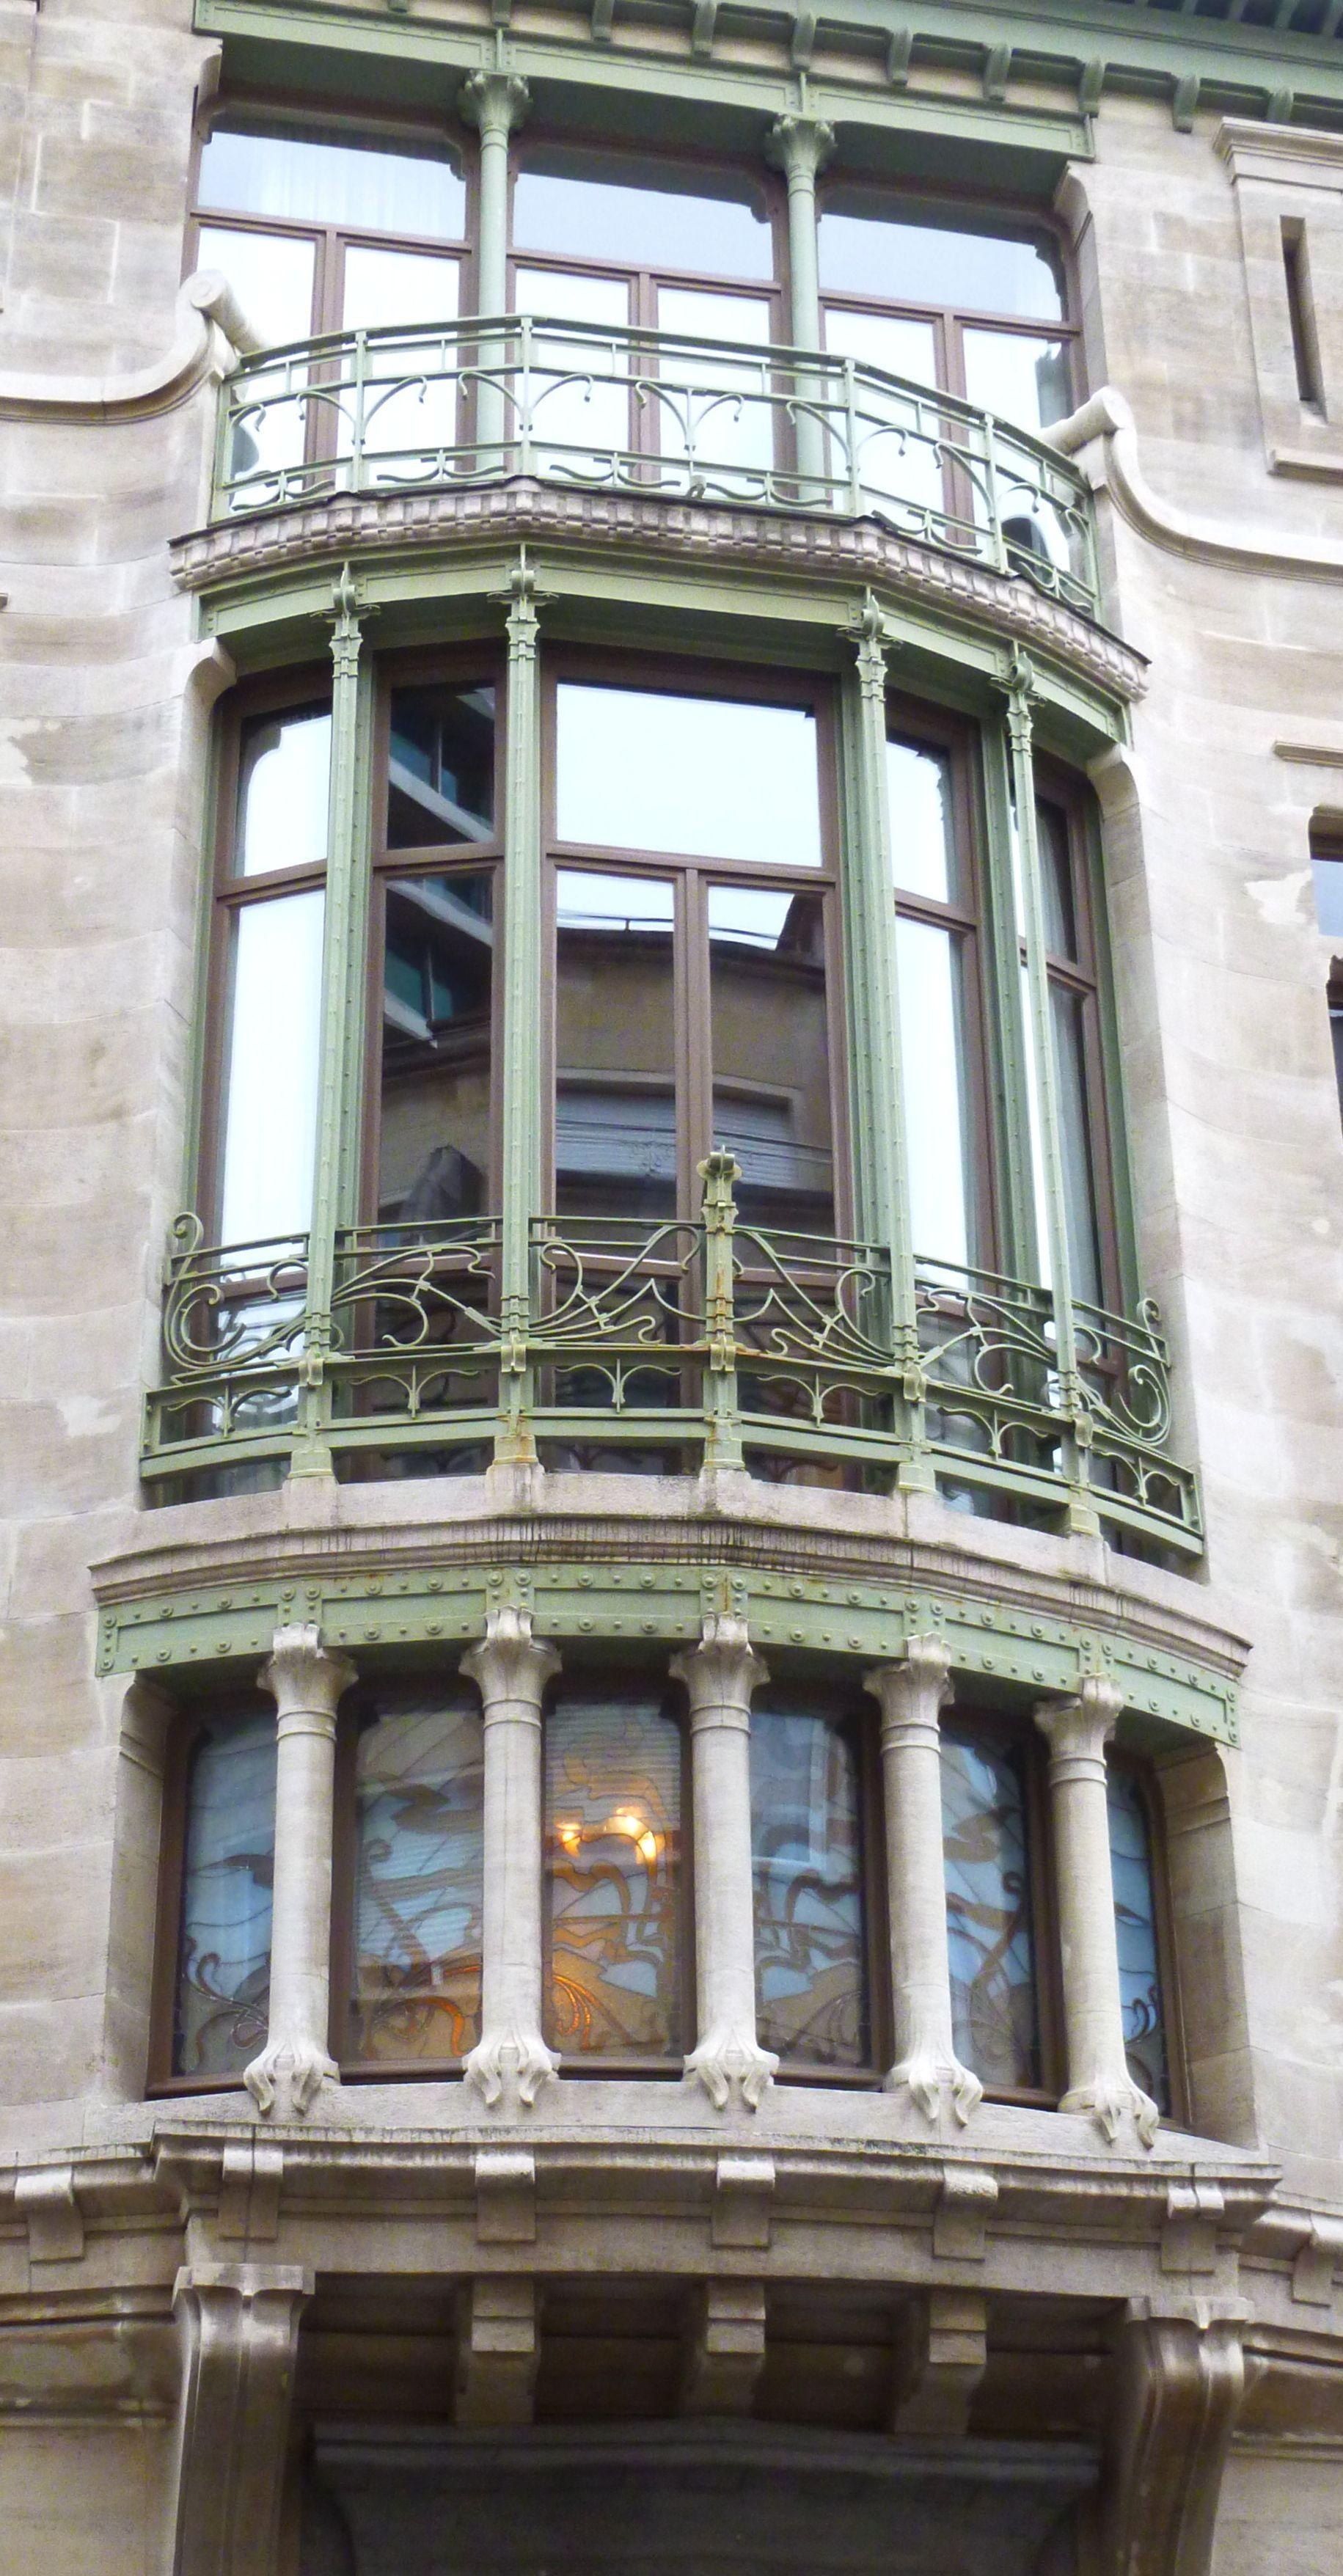 Htel Tassel 1892 1893 Victor Horta